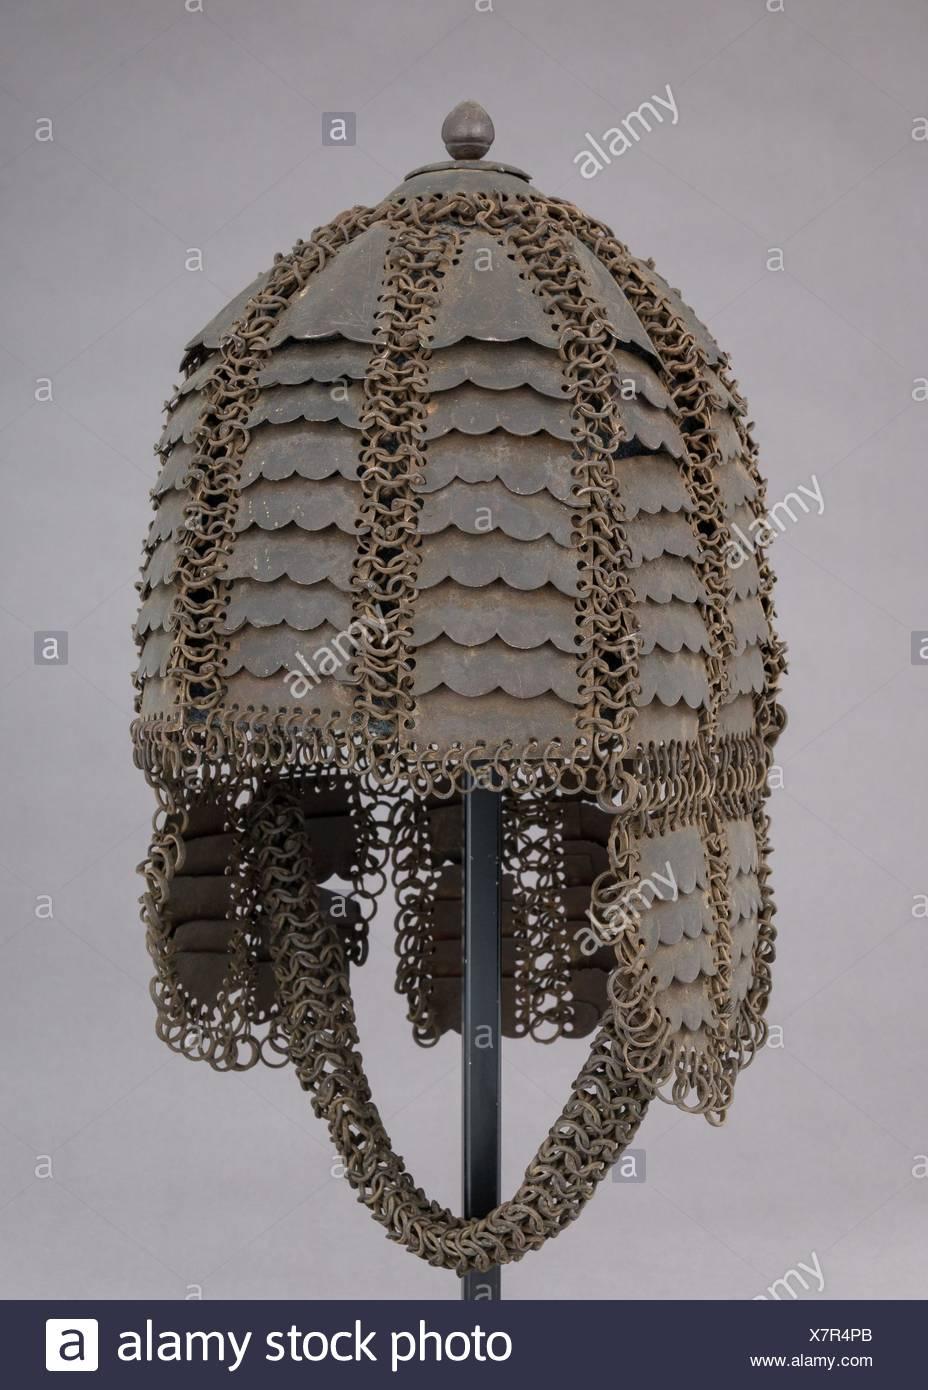 Helm von Mail und Platte. Datum: voraussichtlich 17.-18.Jahrhundert; Kultur: Indische; Medium: Stahl; Abmessungen: H.13 cm. (34,9 cm); W. 8 3/4 in. (22.2 Stockbild